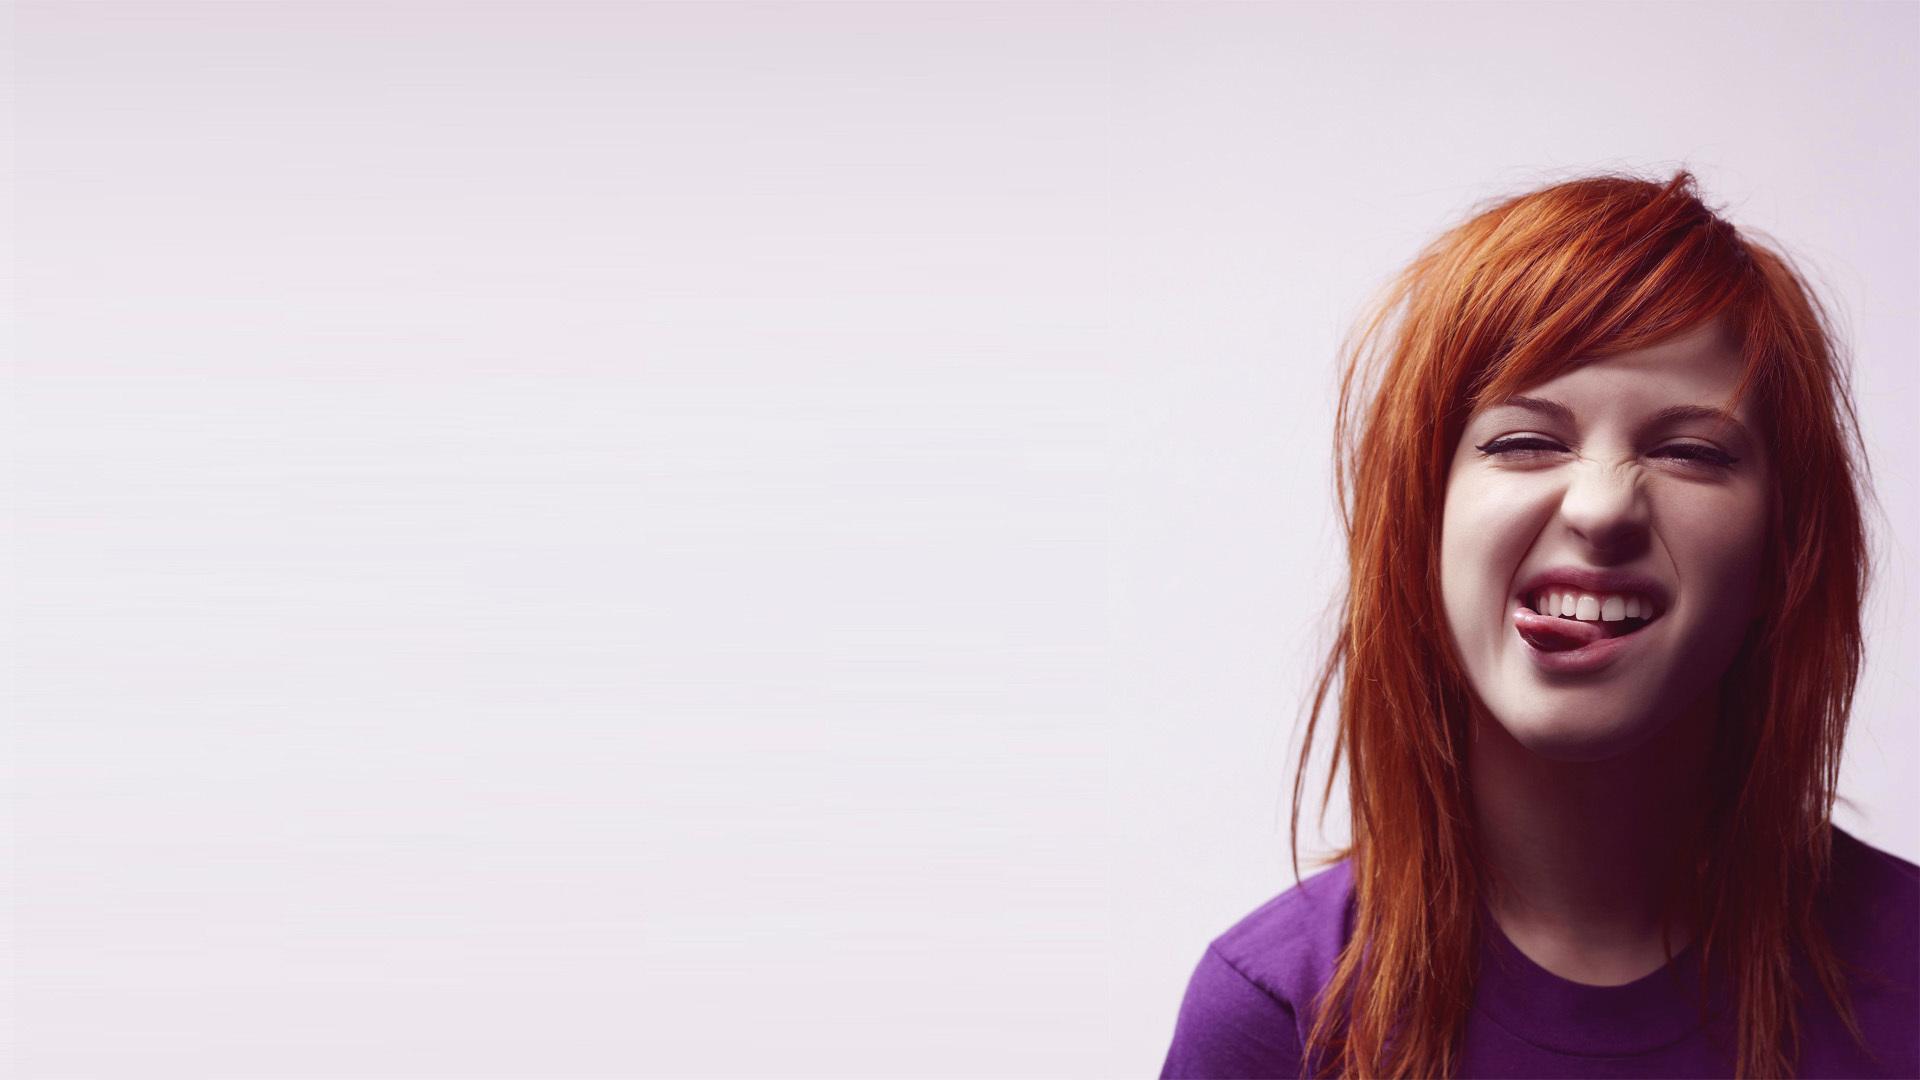 Hayley Williams For Desktop